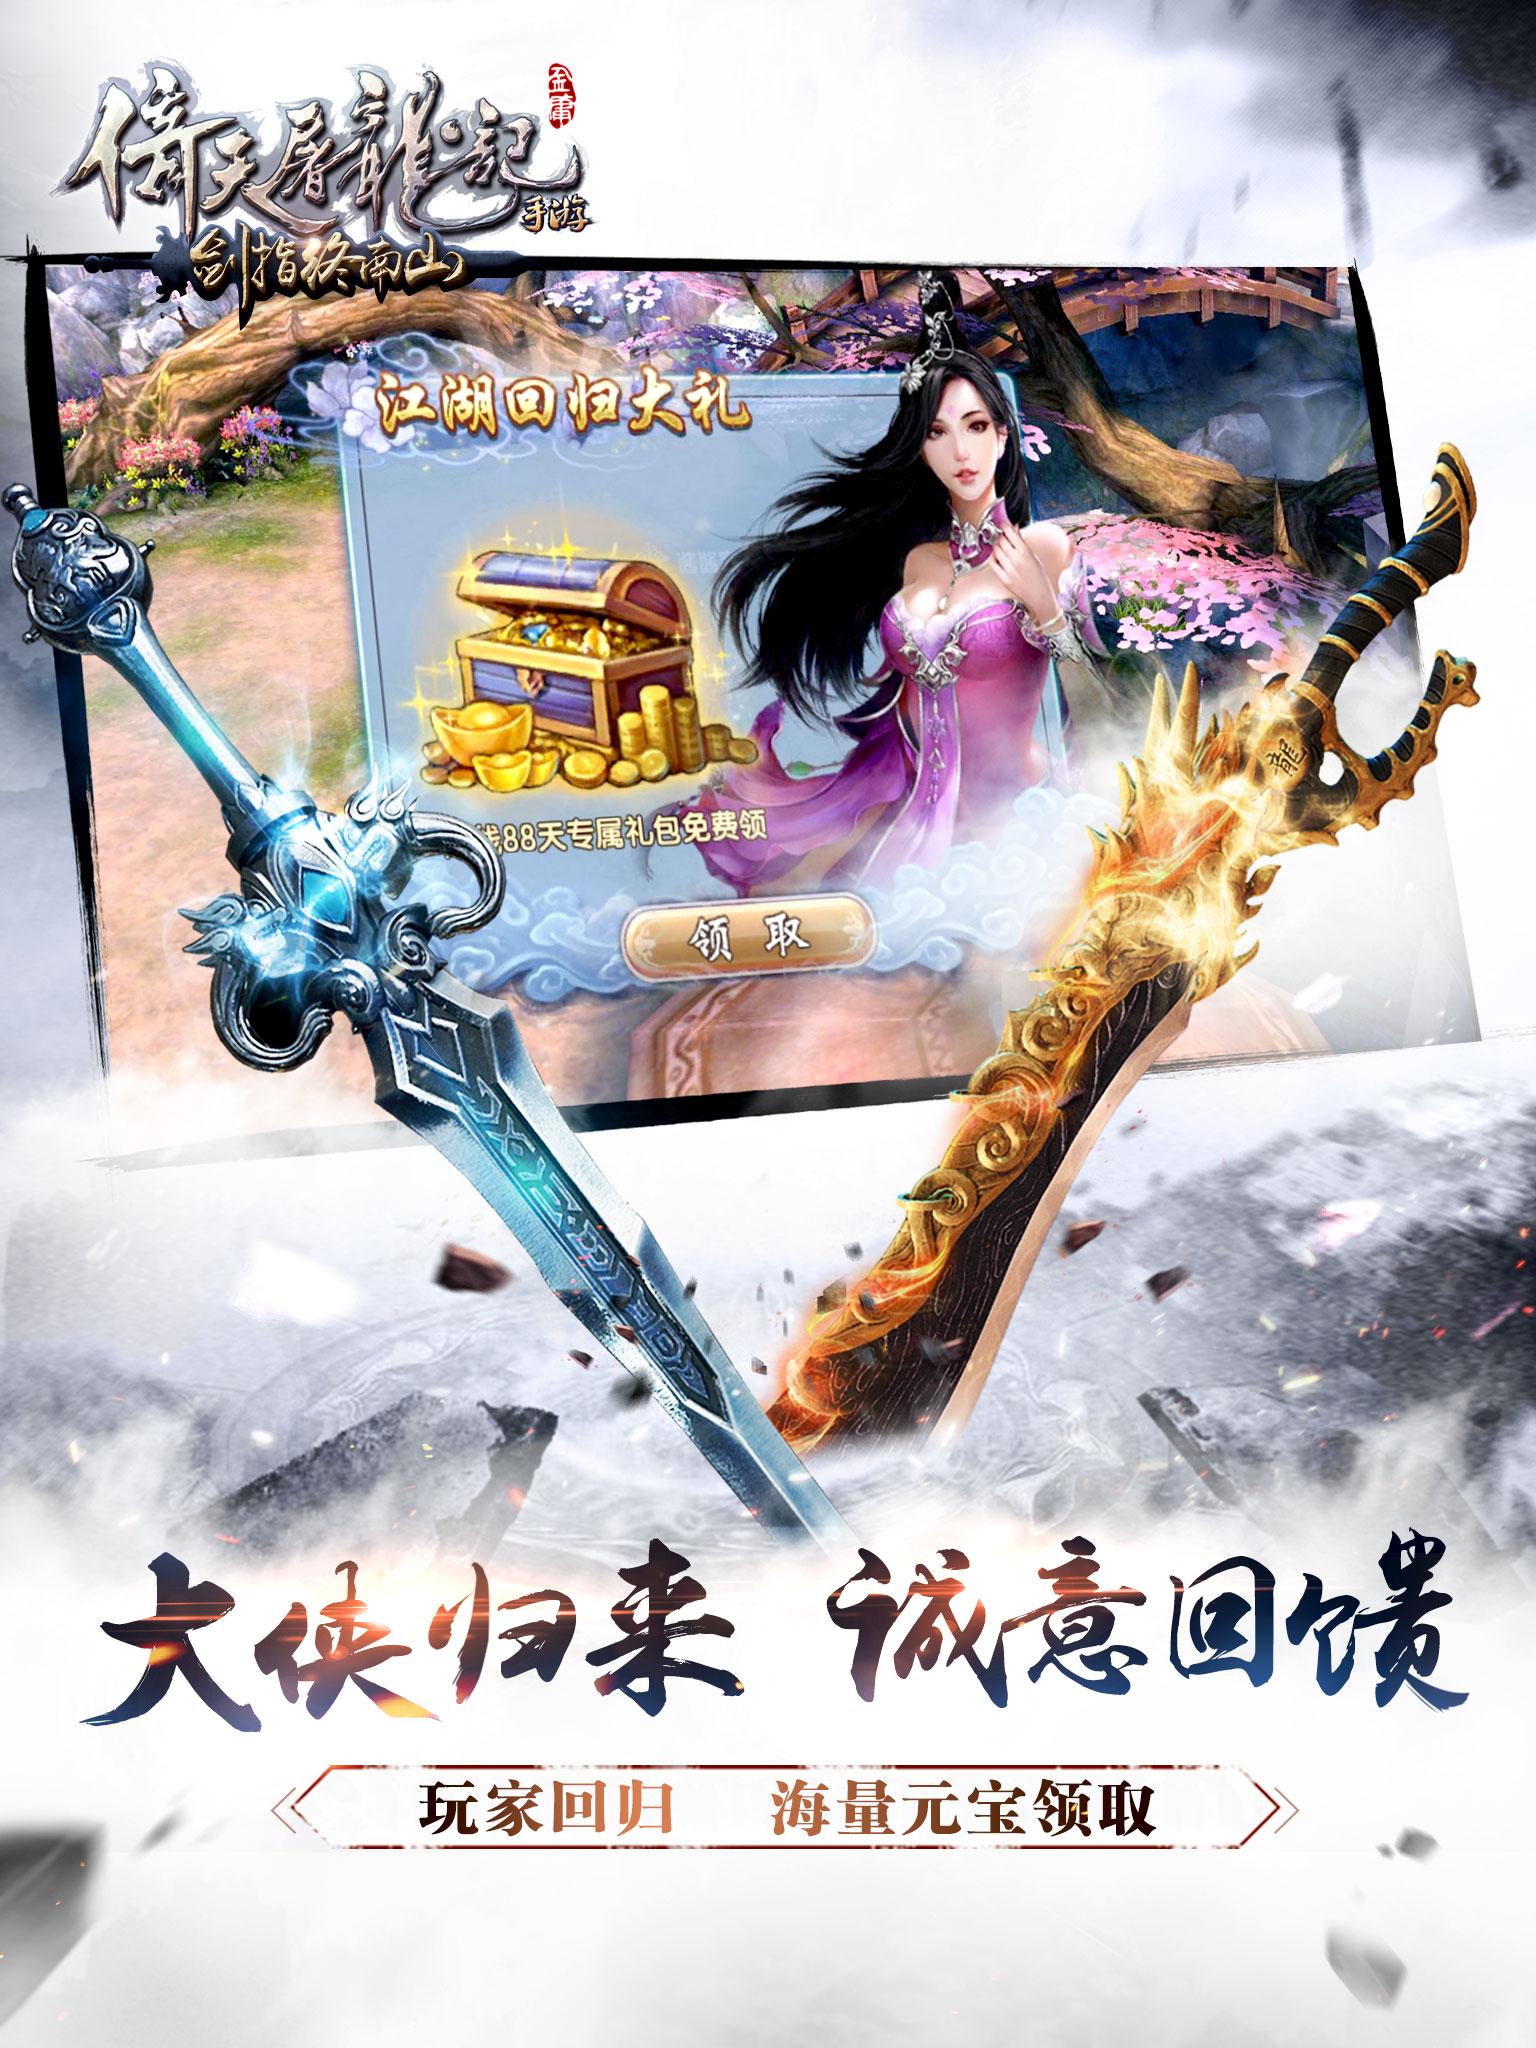 倚天屠龙记(金庸正版)- 决战星云城精品截图